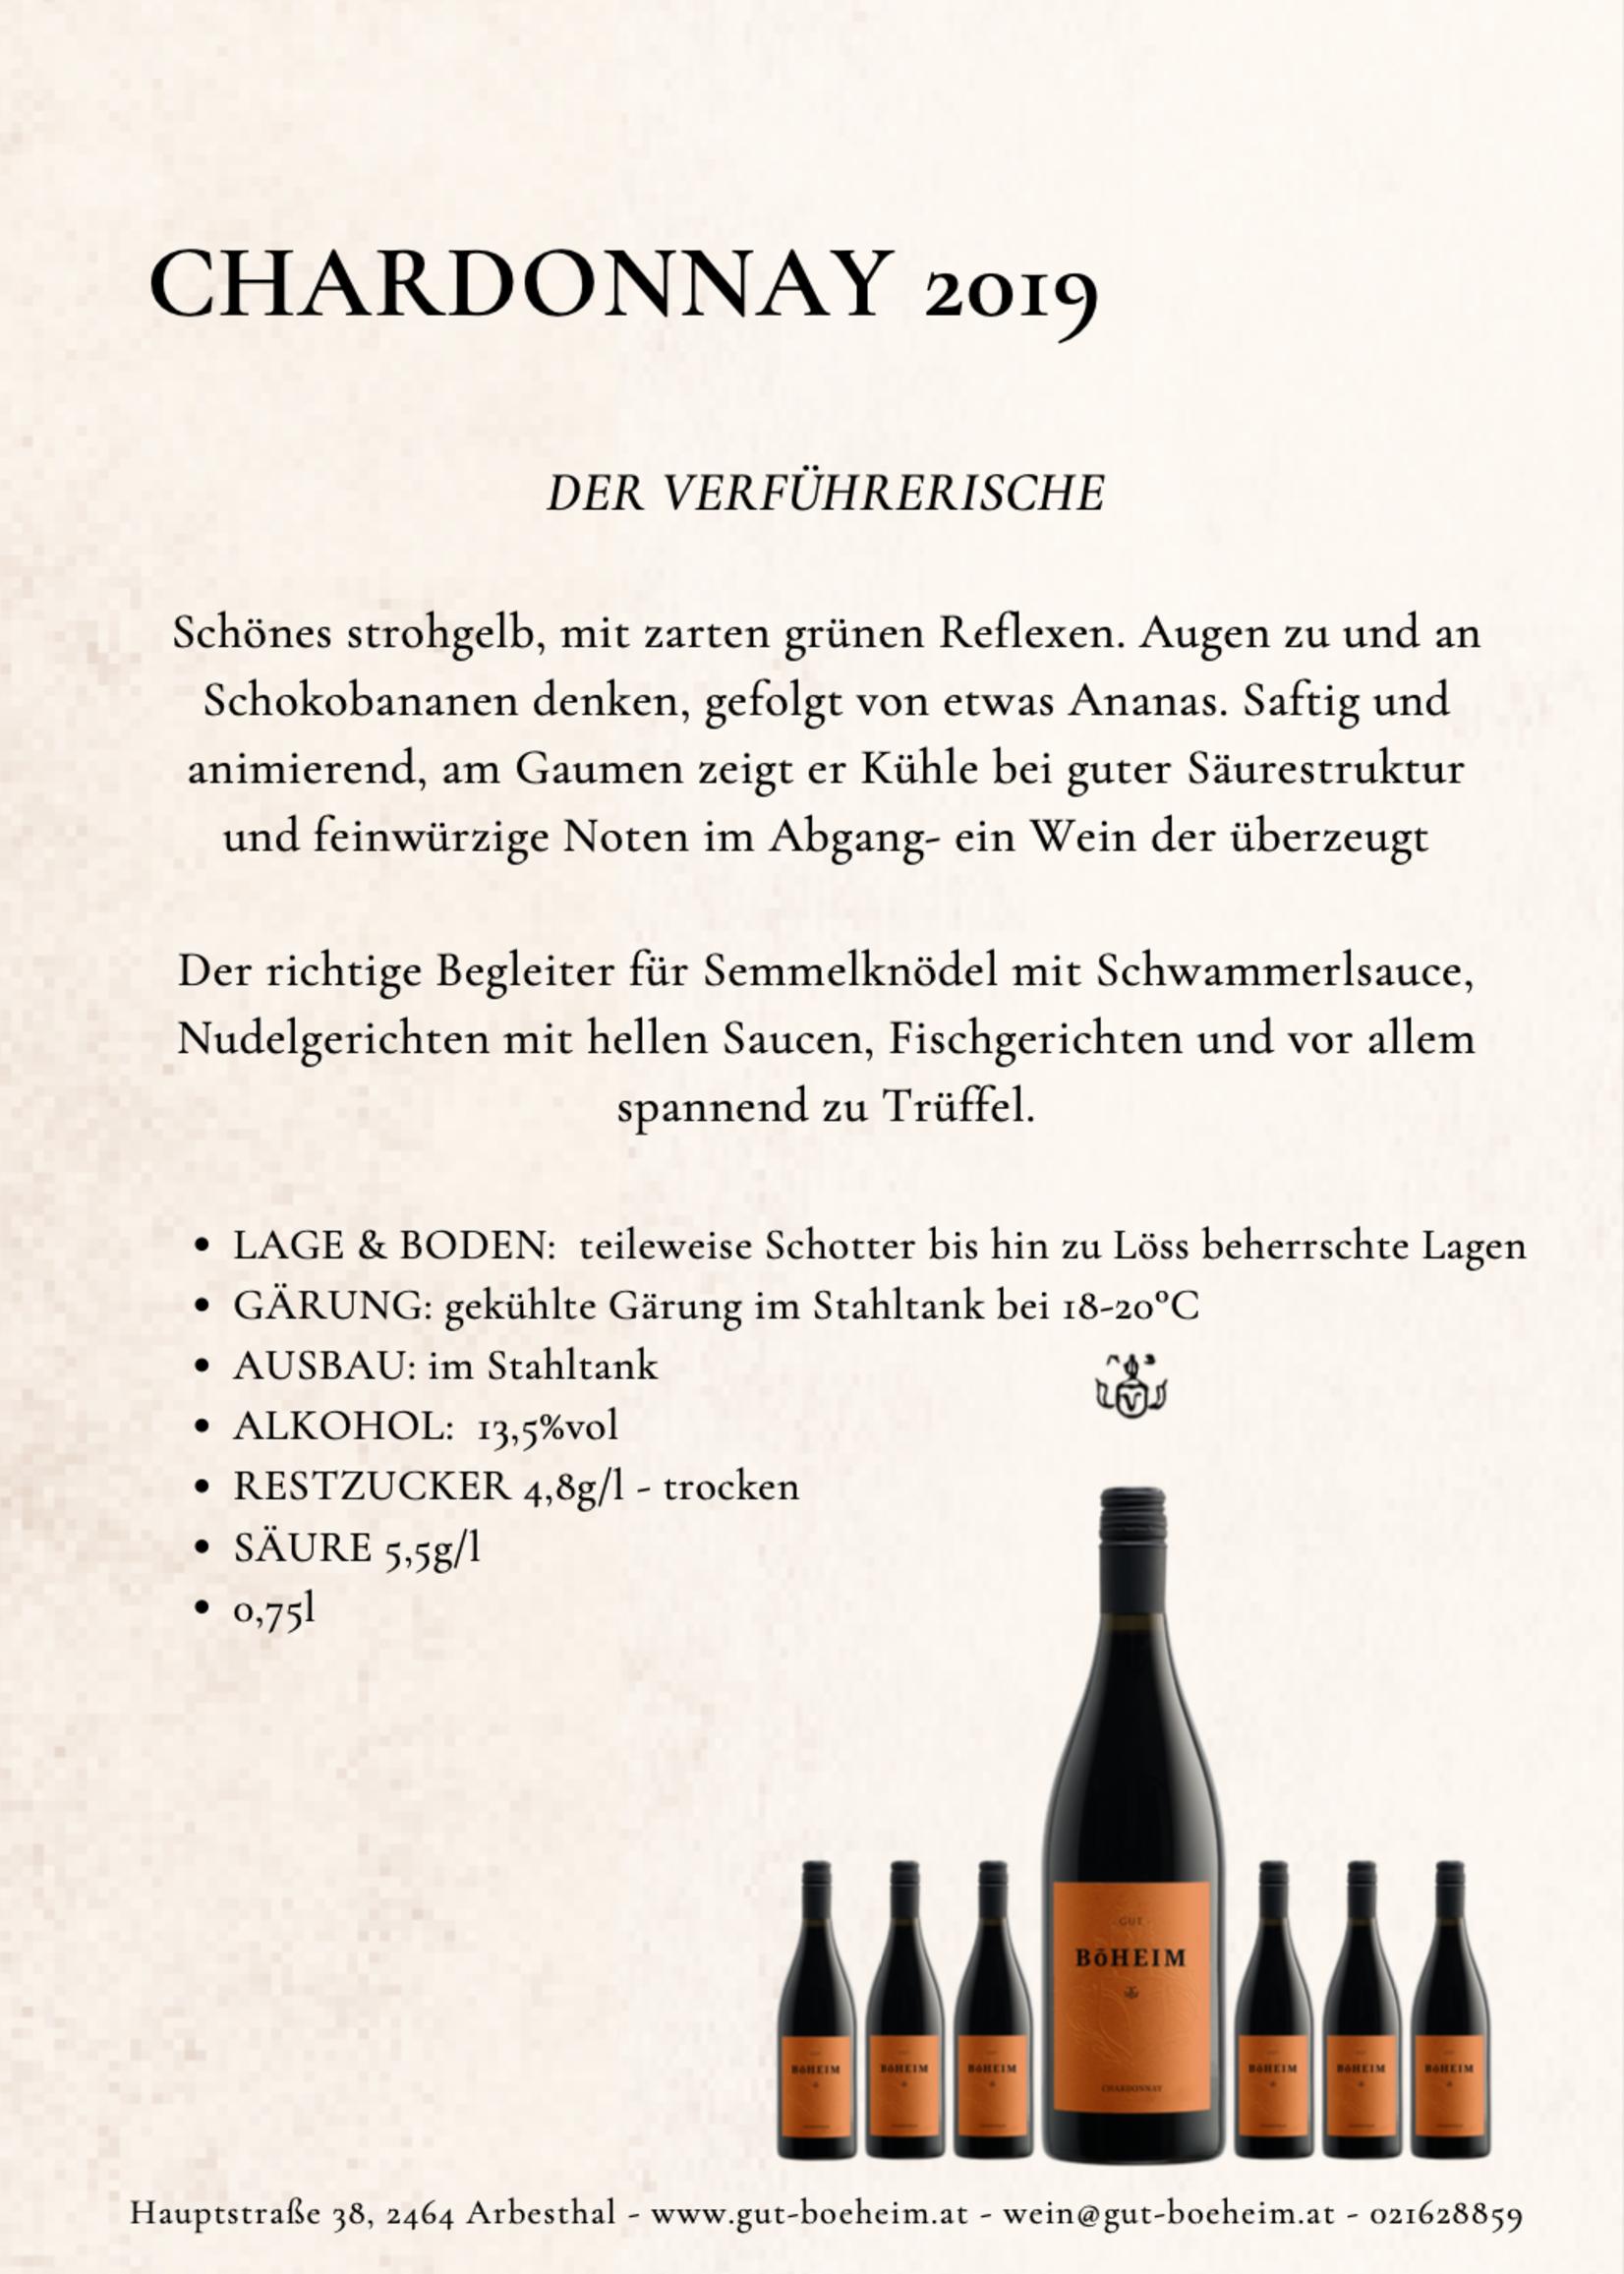 Chardonnay 2019 0,75 l vom Weingut Böheim